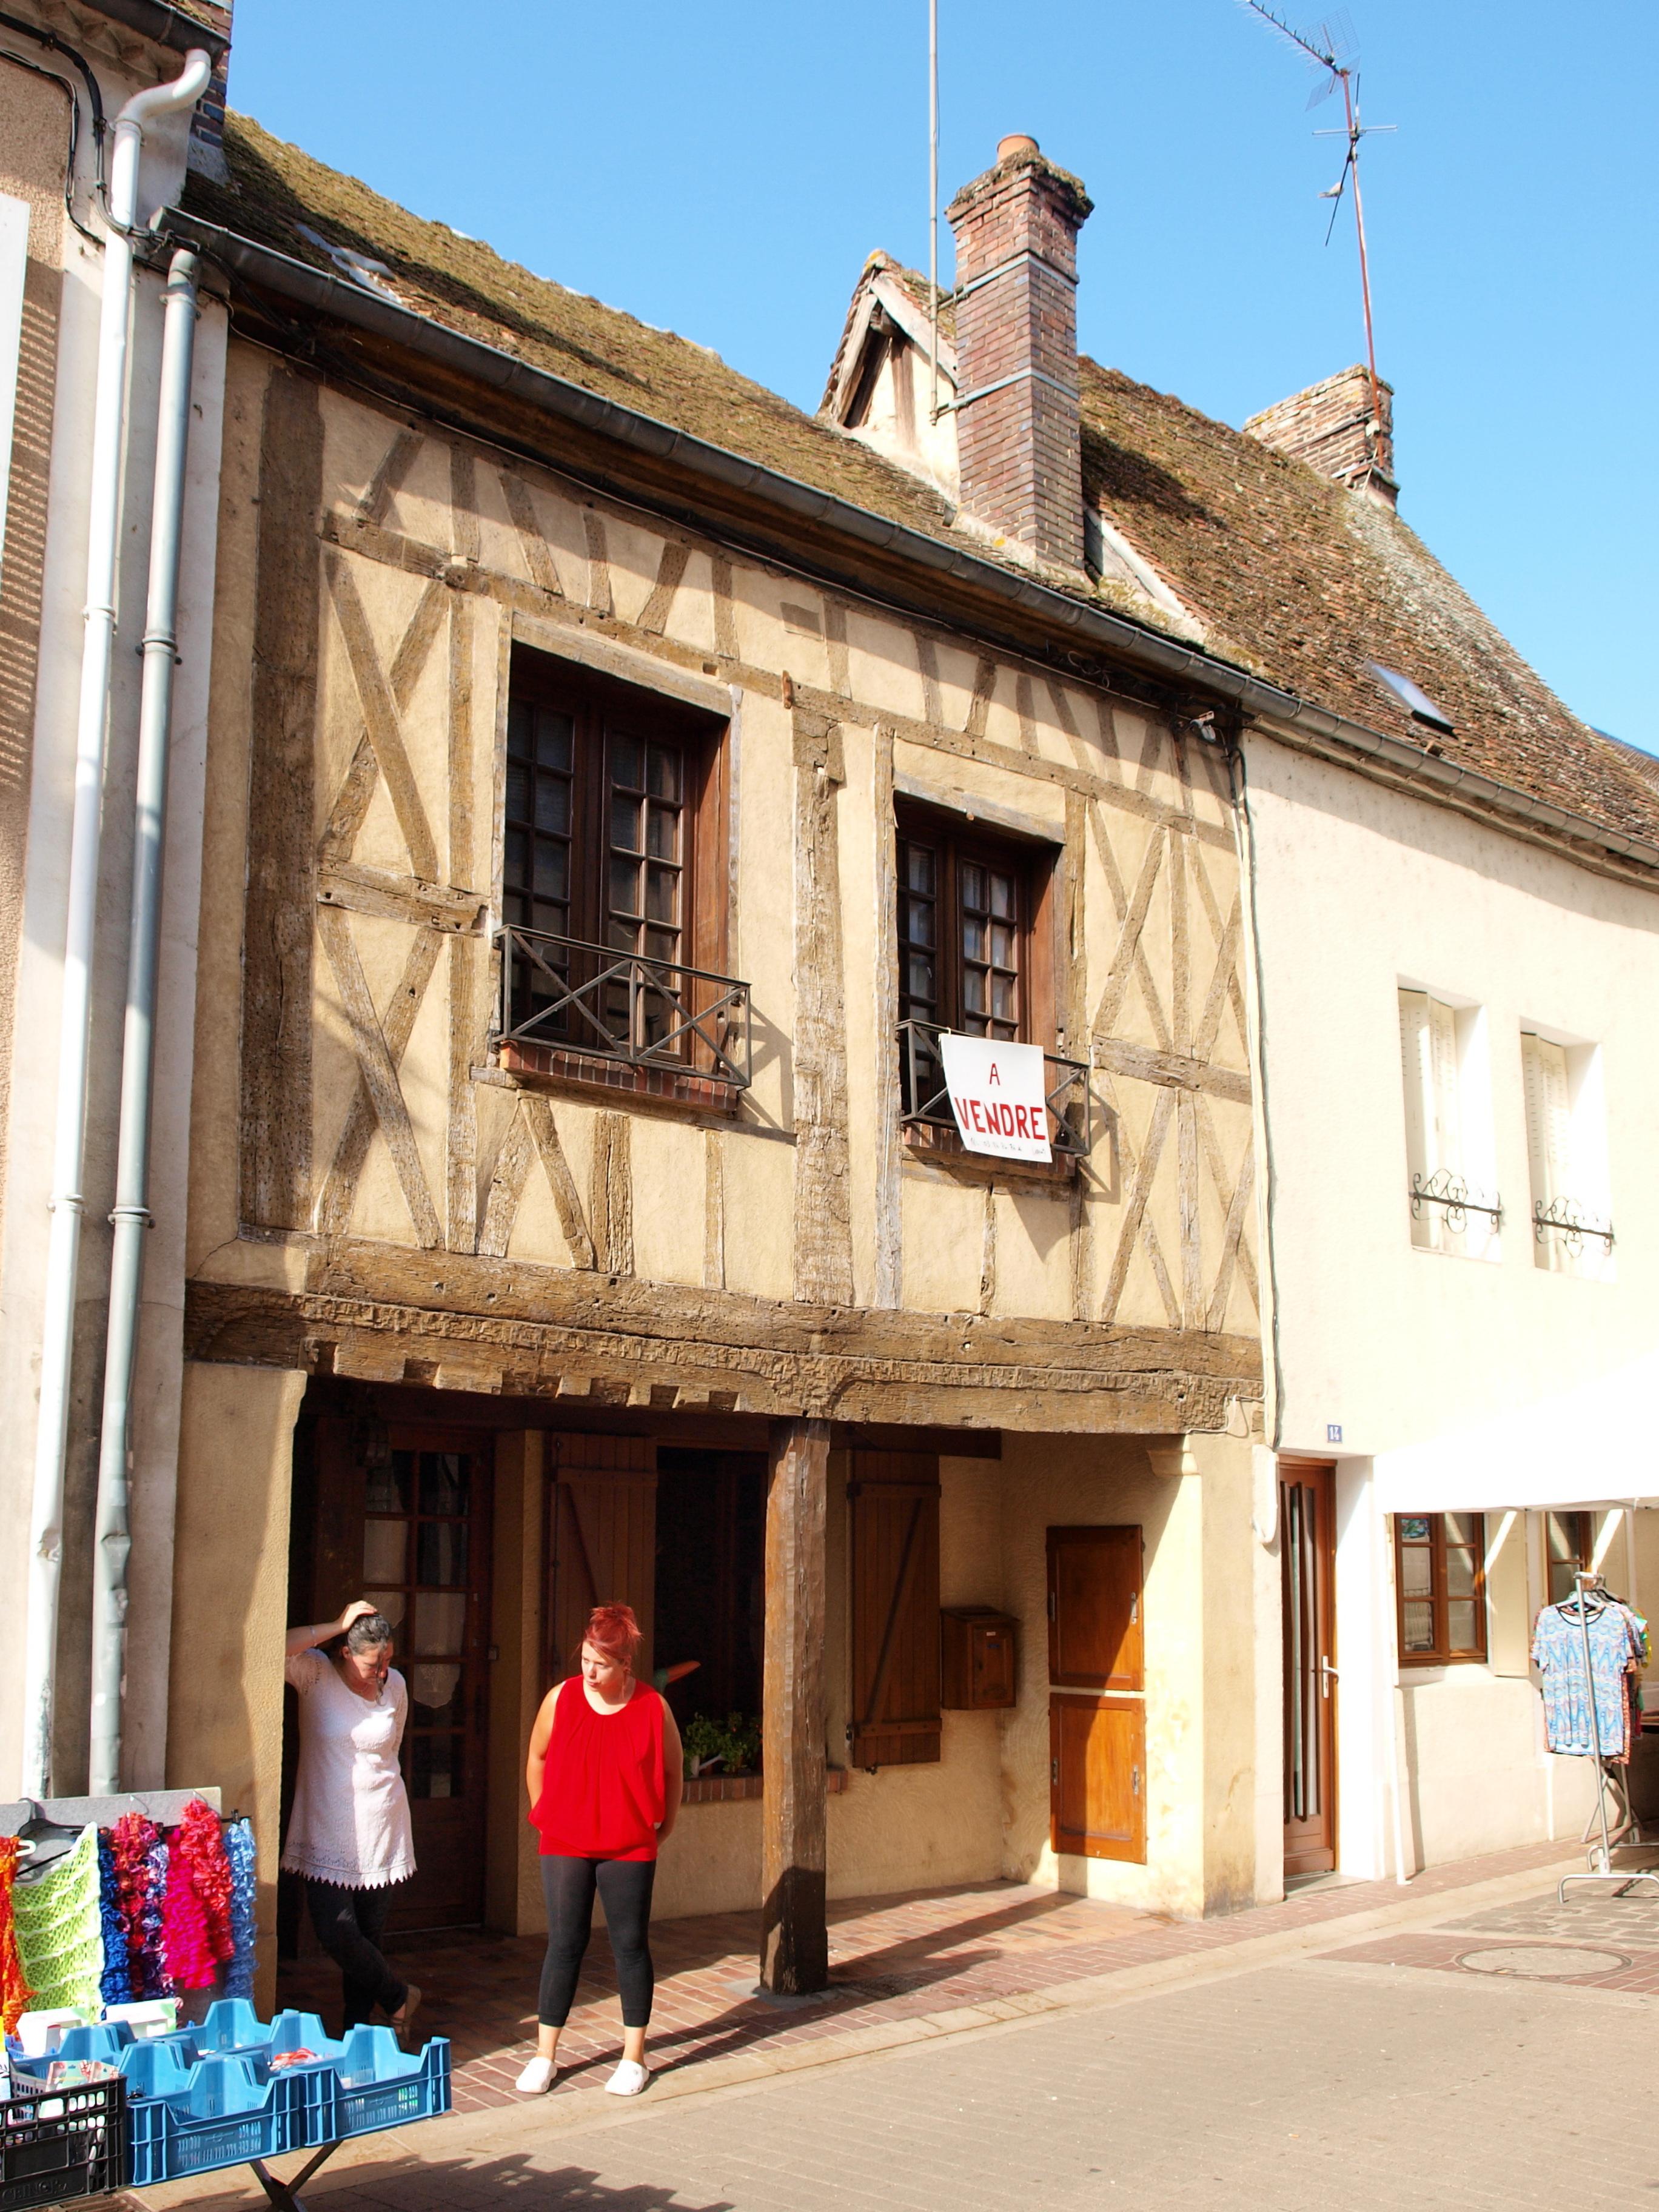 Captivating File:Saint Fargeau FR 89 Jour De Marché 04.